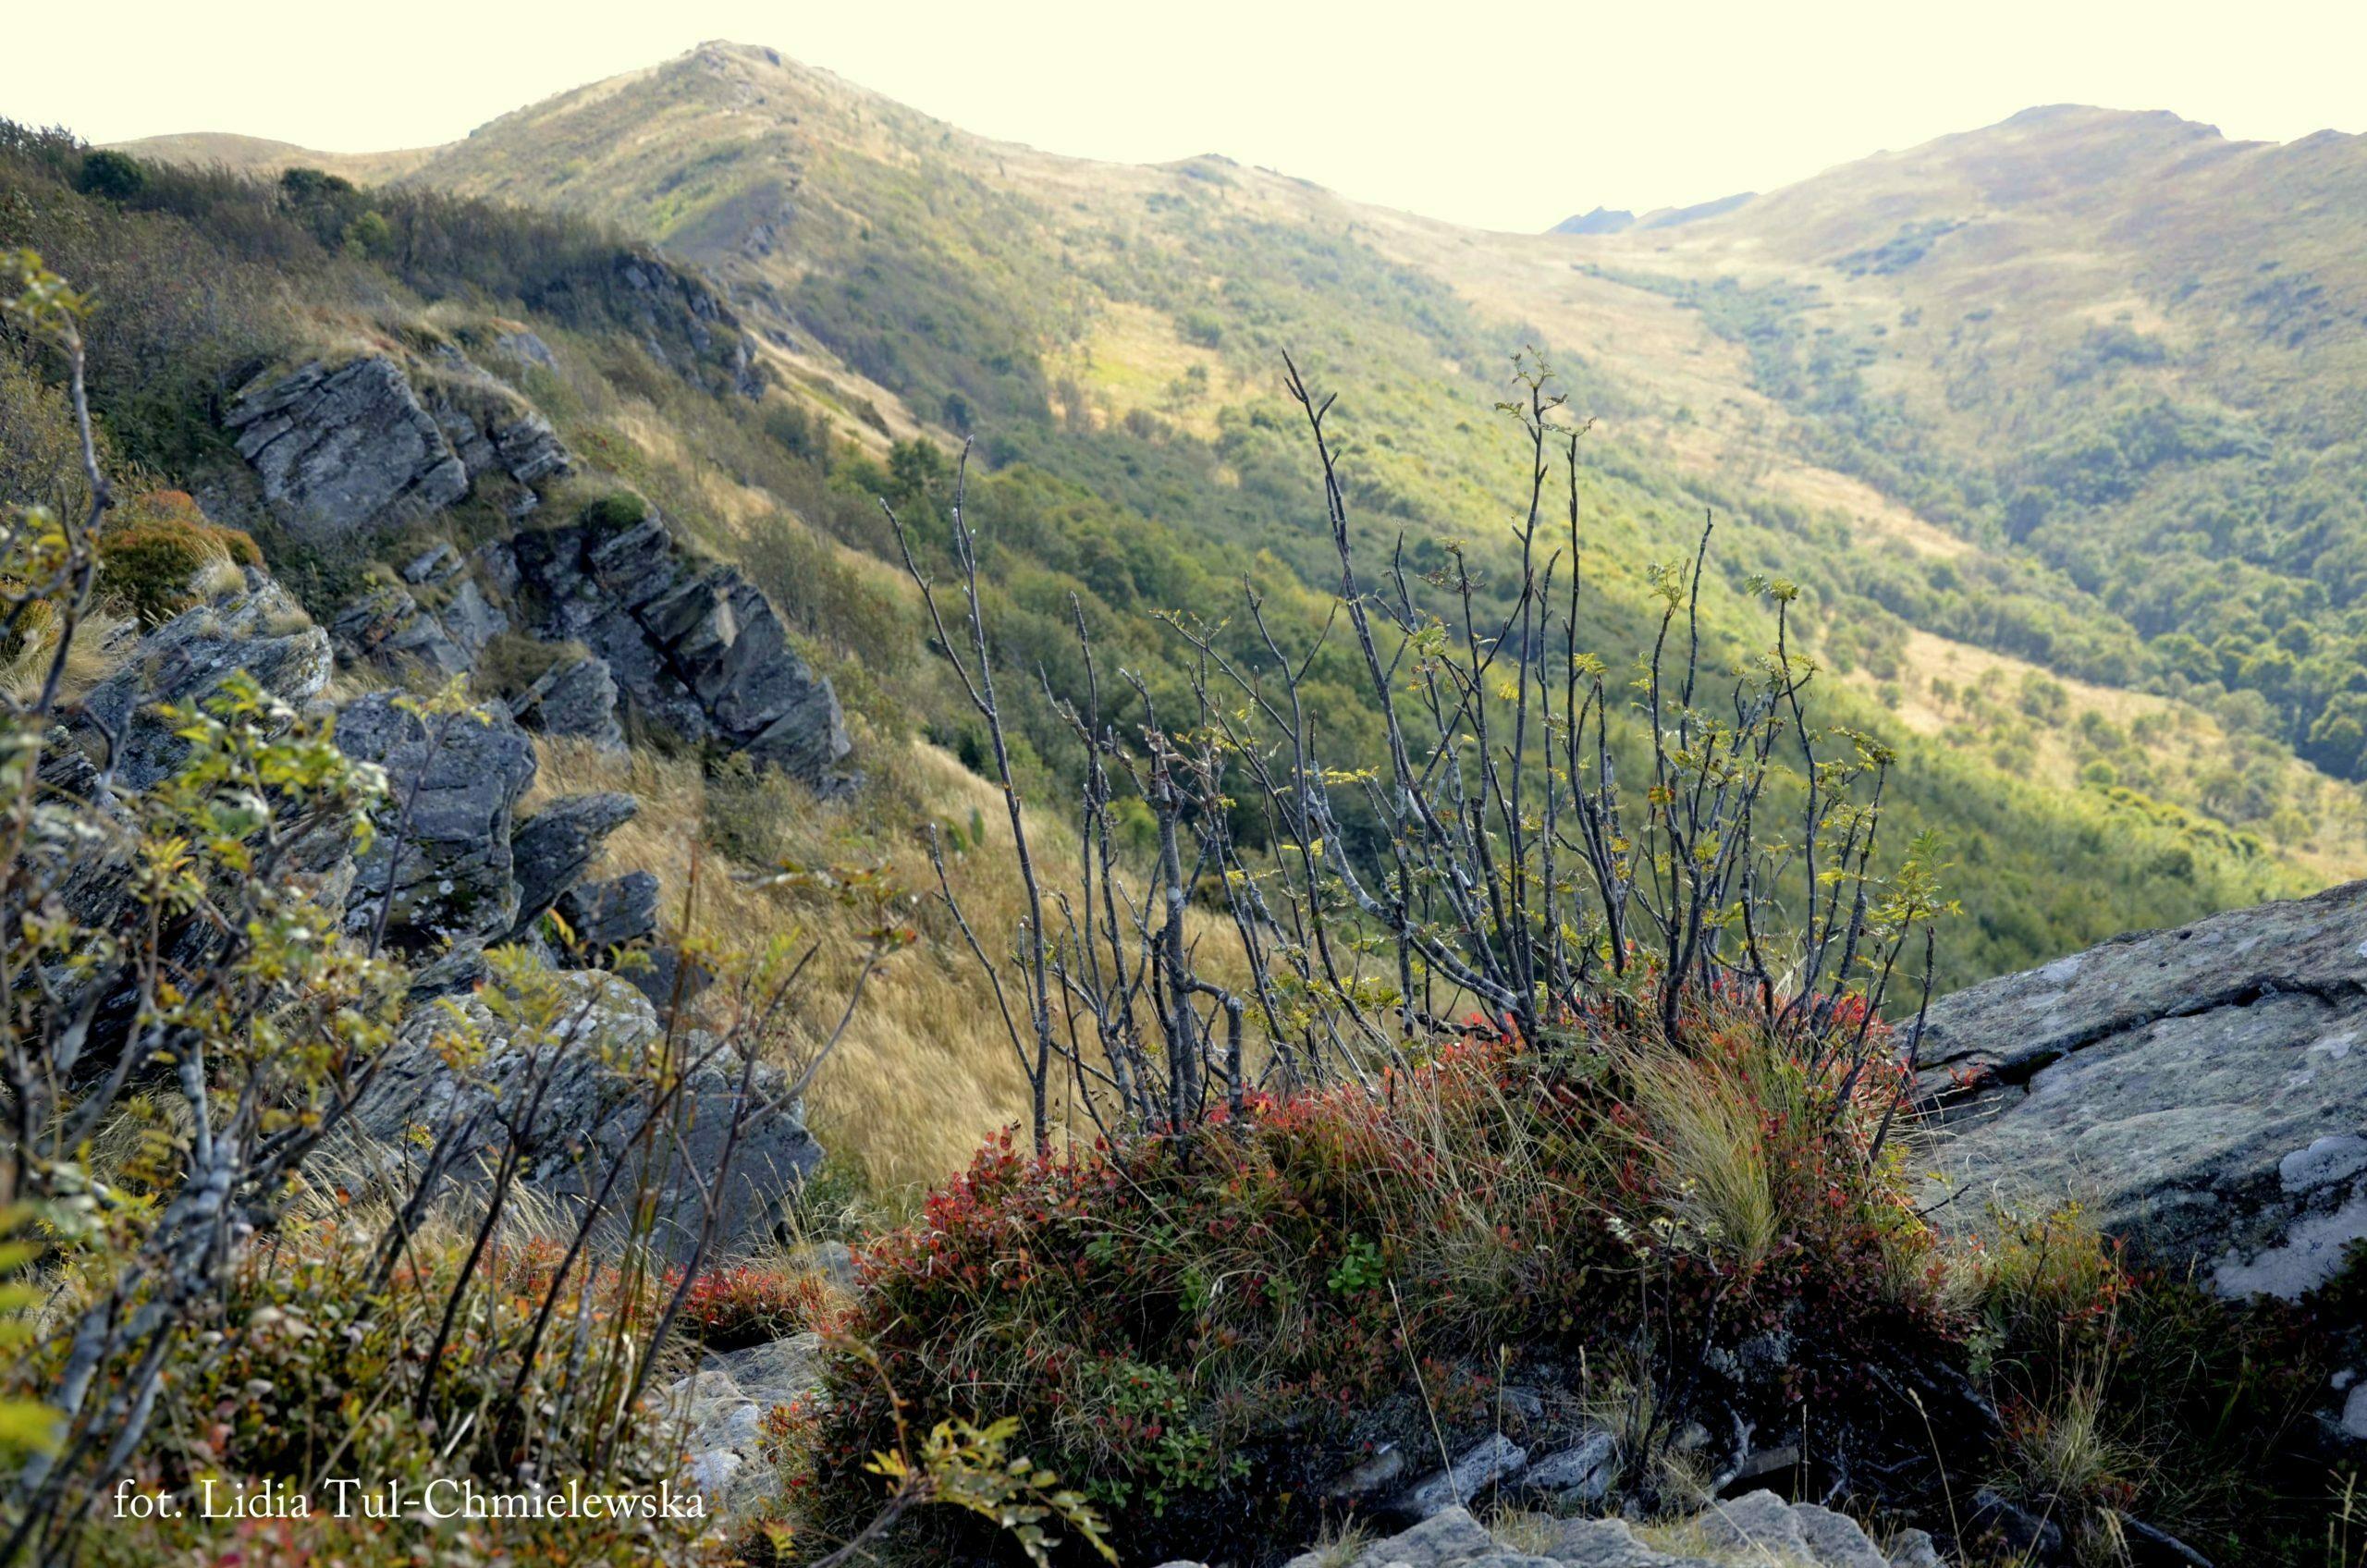 Barwy jesieni w Bieszczadach fot. Lidia Tul-Chmielewska